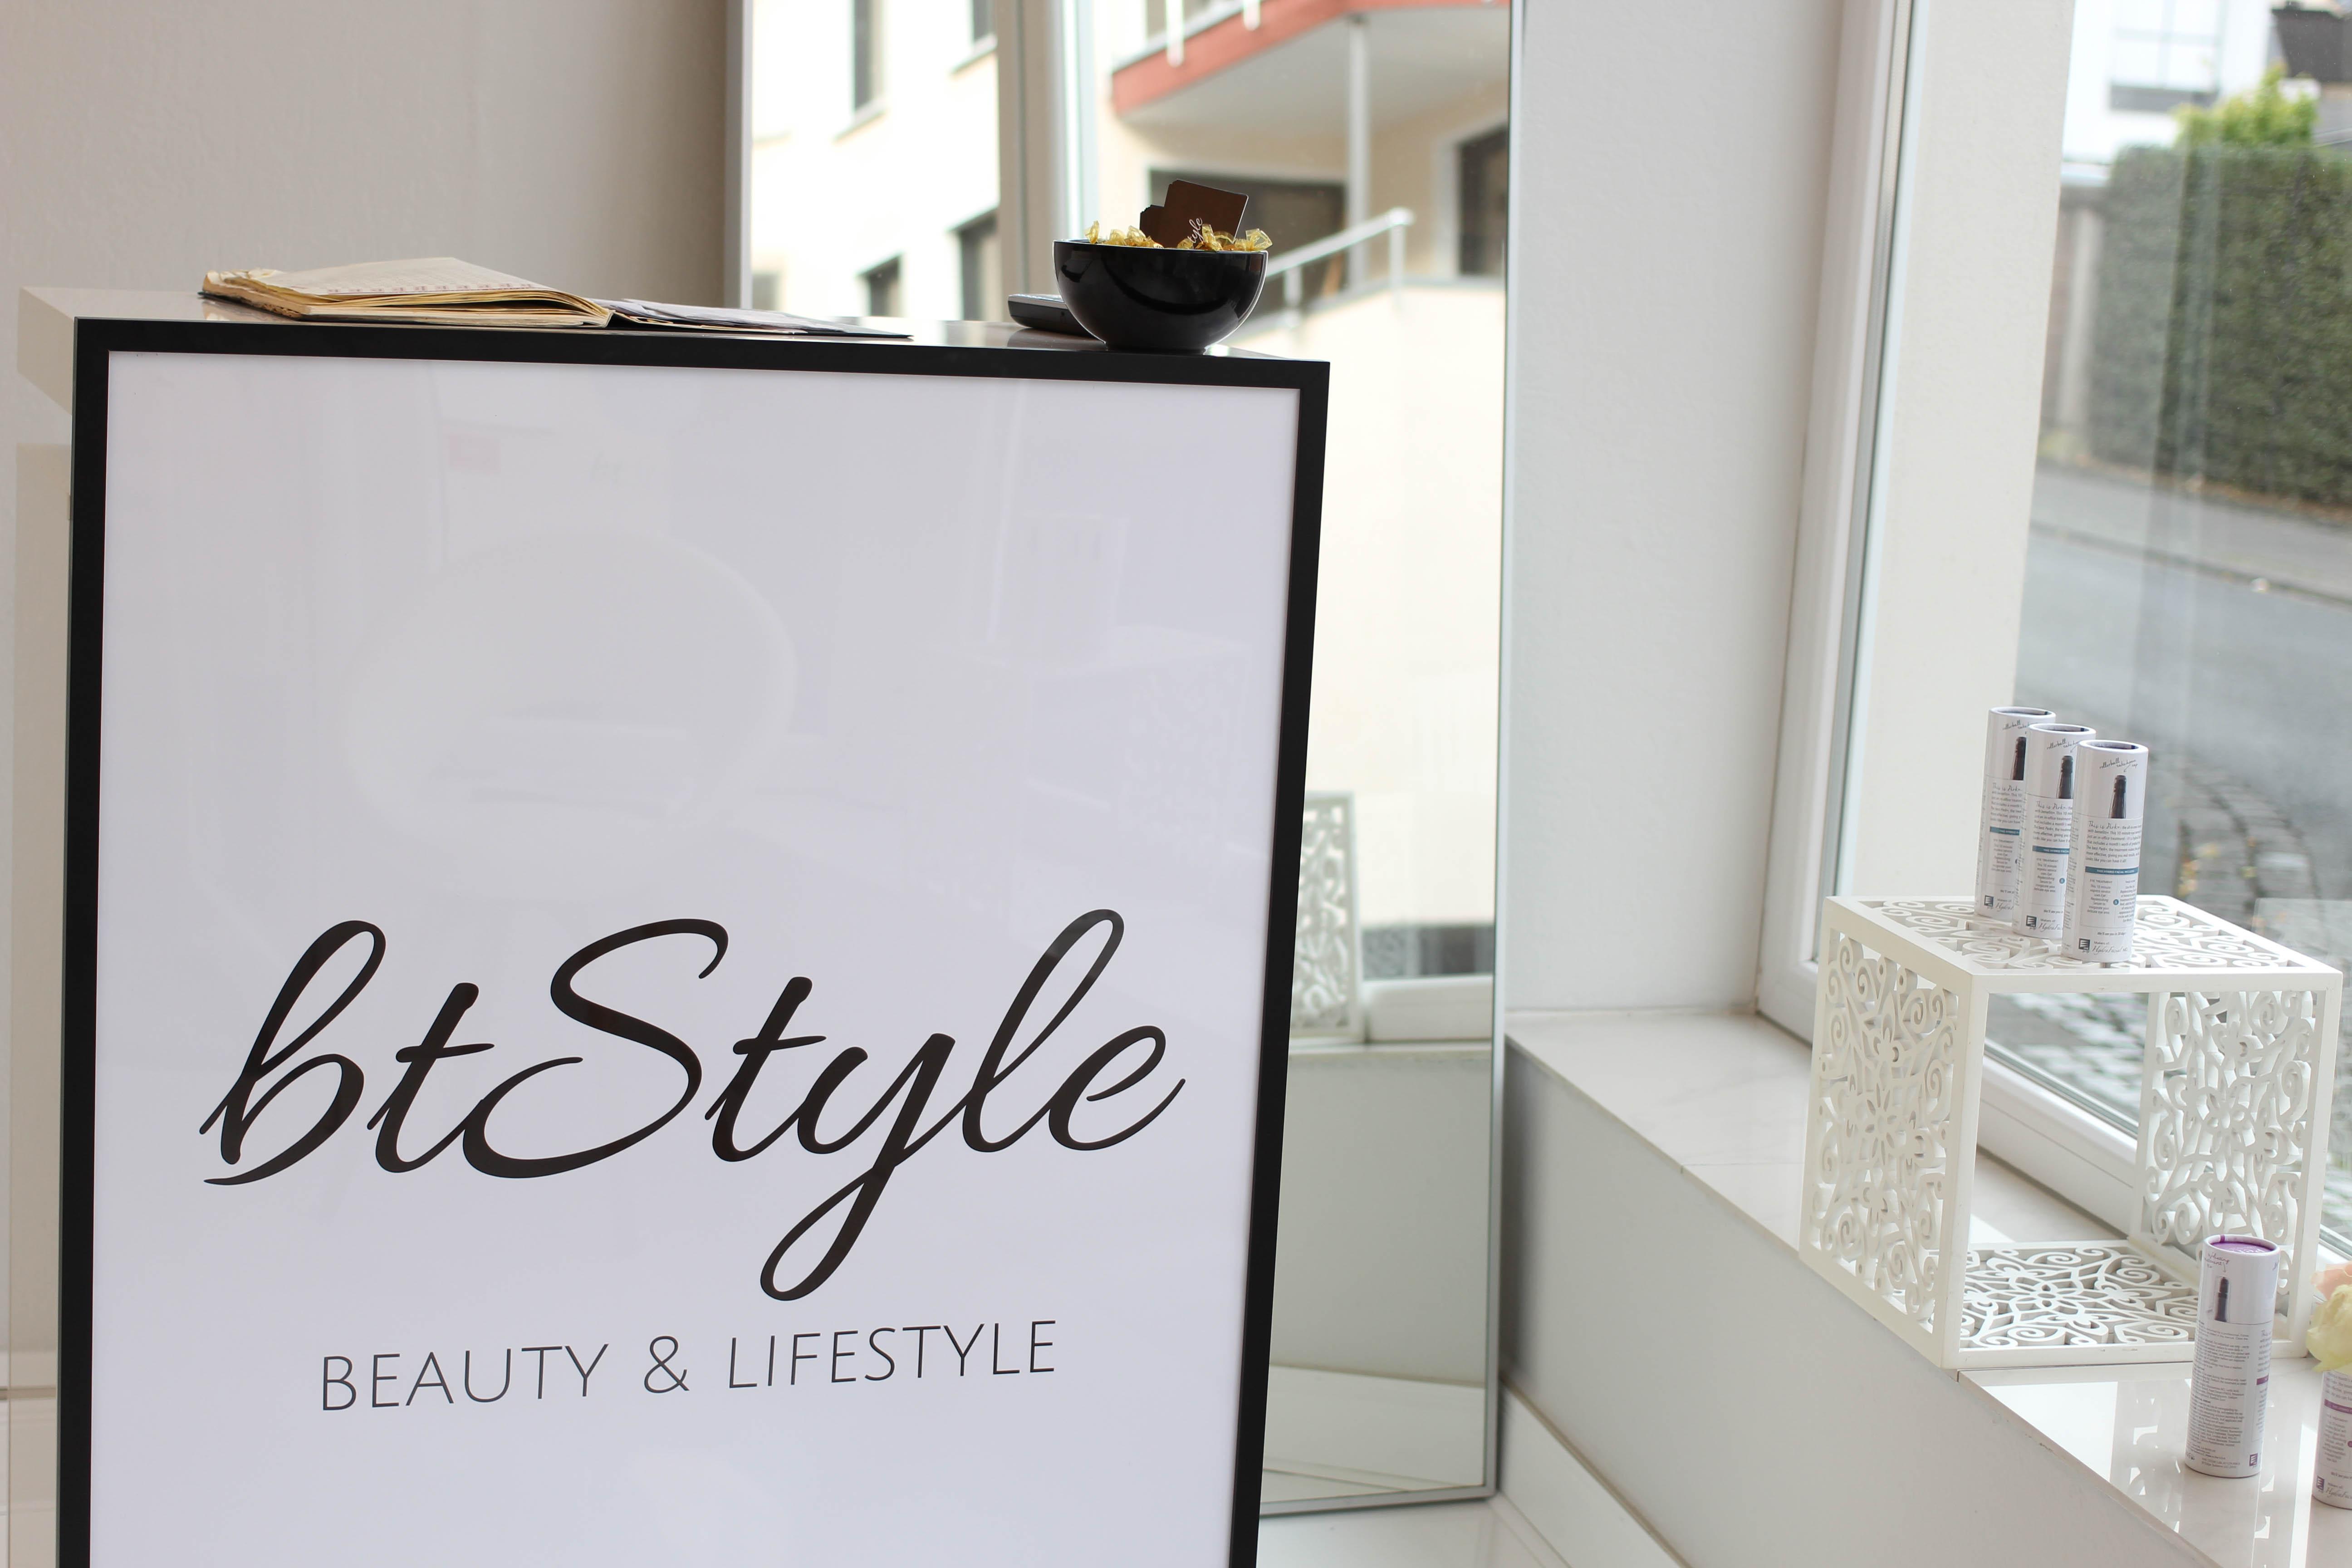 Wimpernverlängerung verdichtung vorher nachher effekt btstyle bonn bad godesberg erfahrung beauty blog